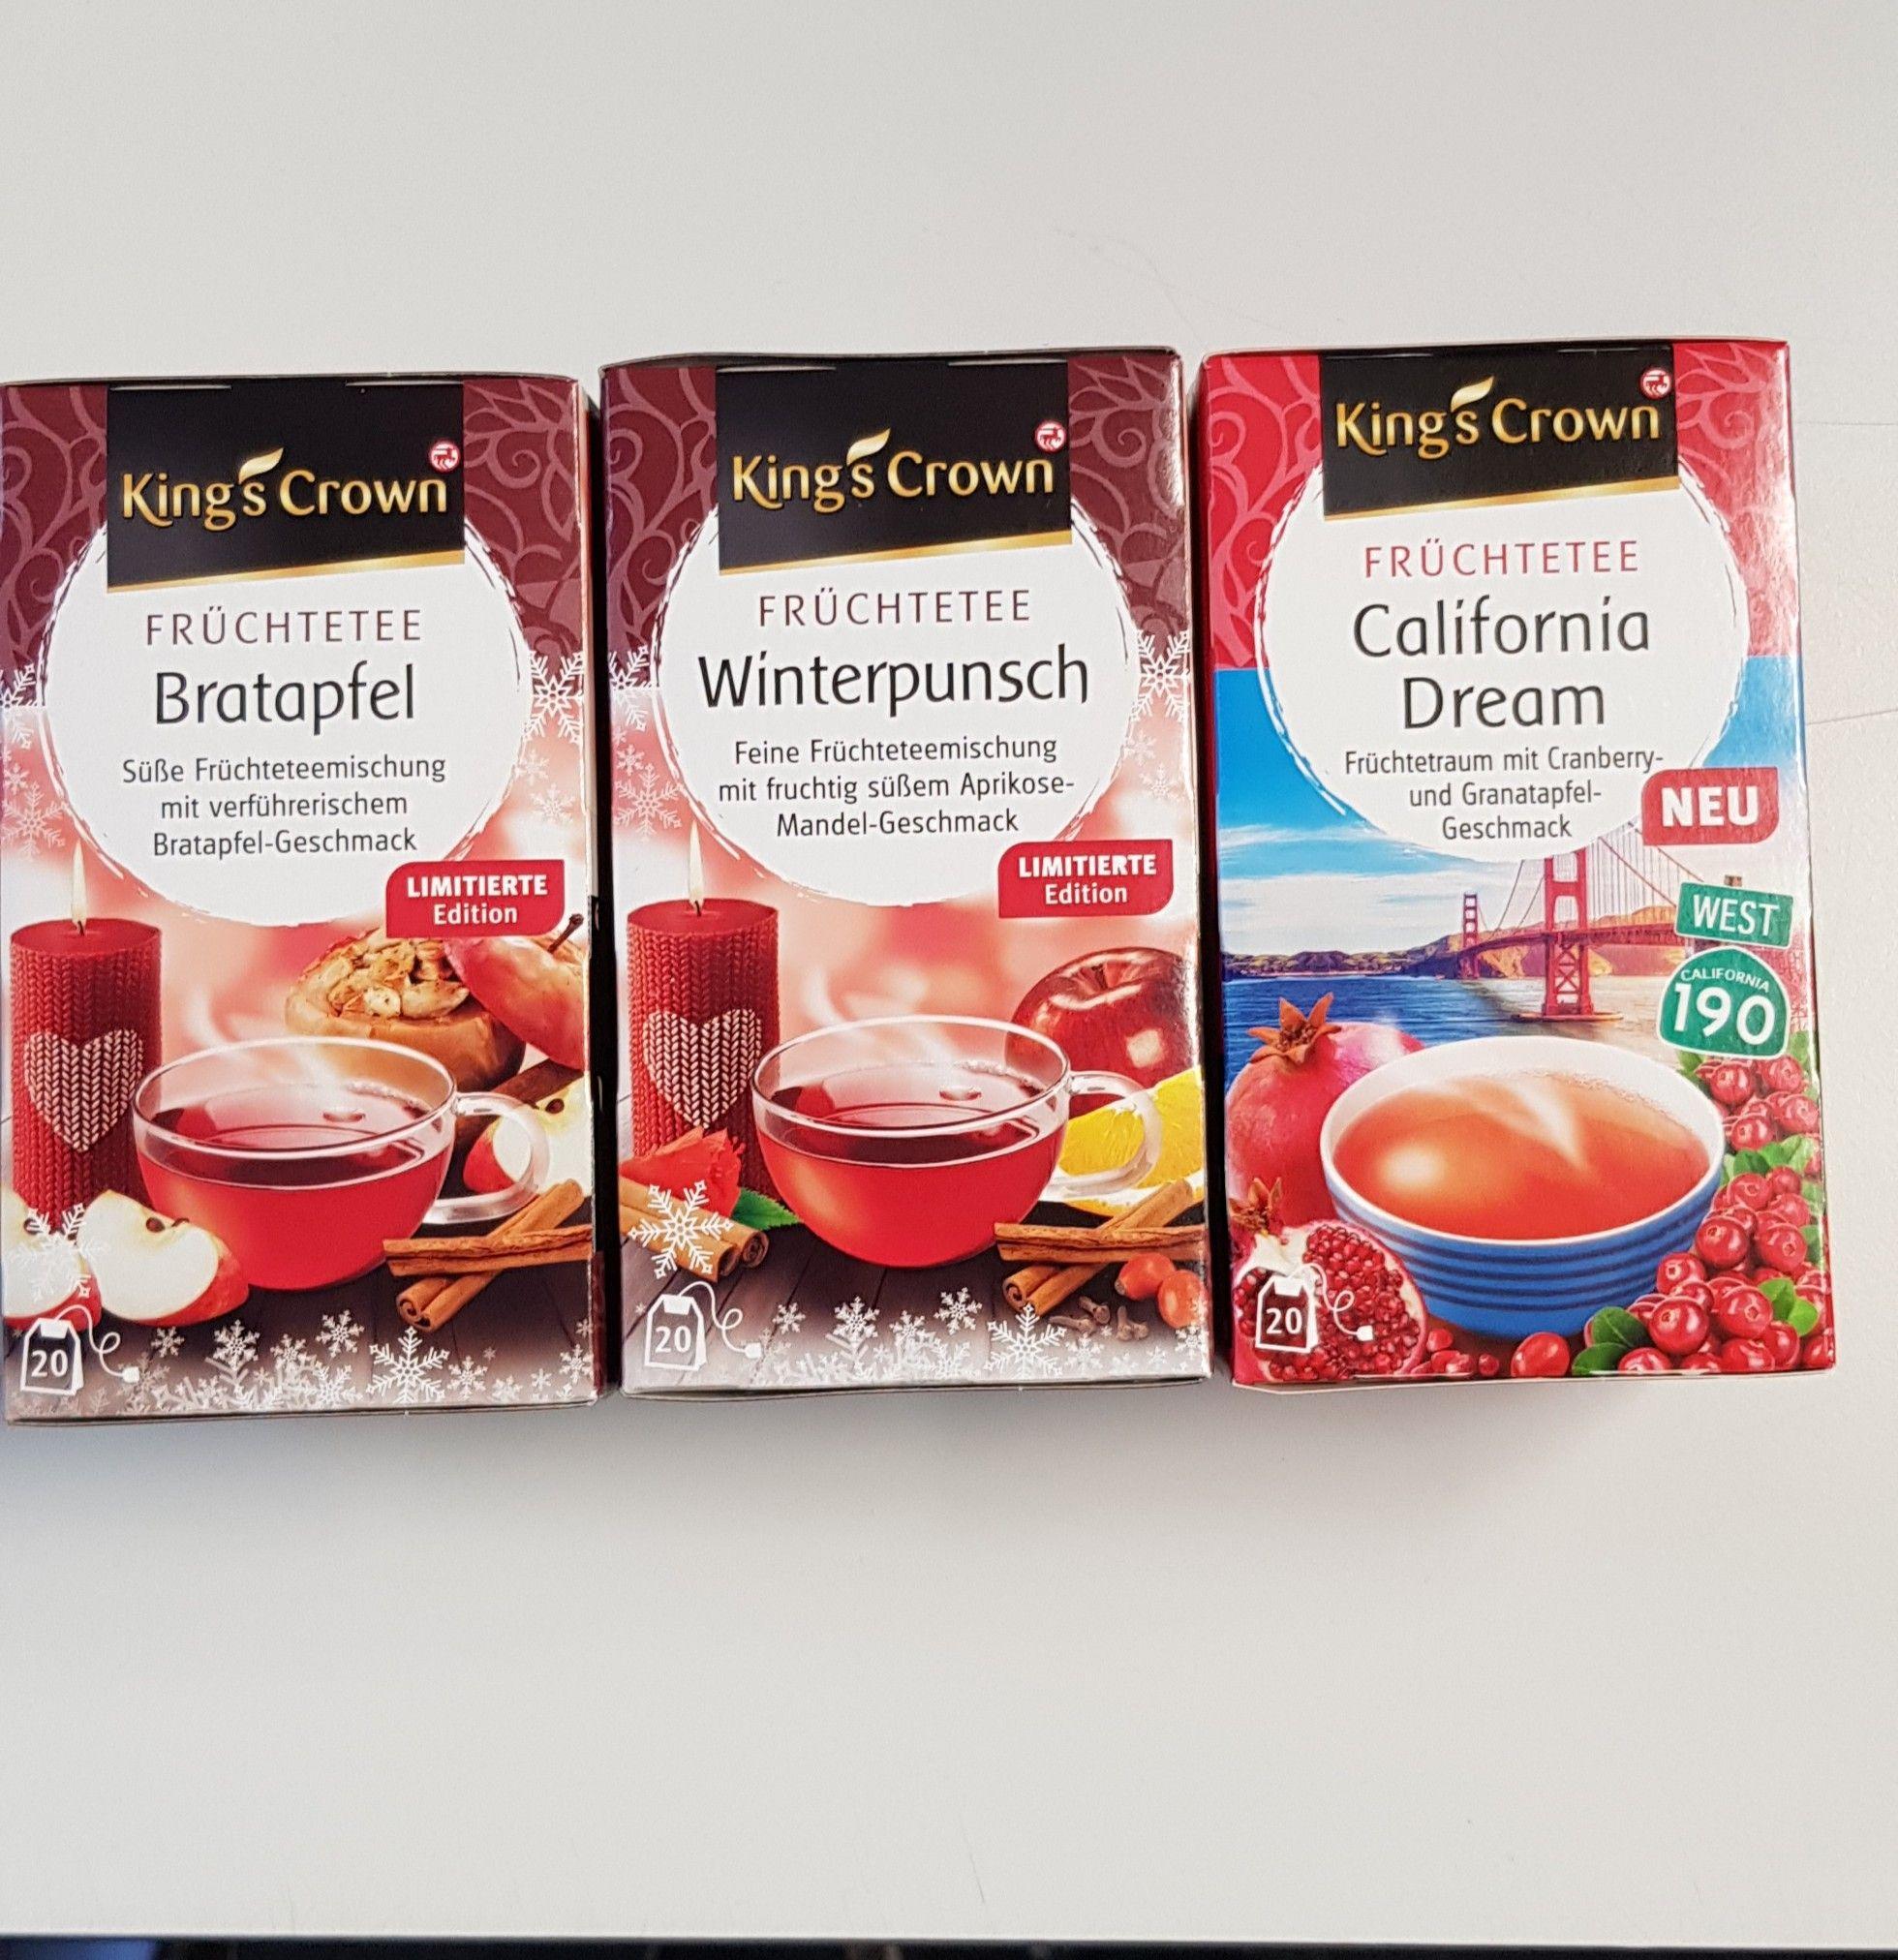 Rossmann 3 für 2 King's Crown Tee verschiedene Sorten  - 0,59 € pro Packung (18 / 20 Beutel)